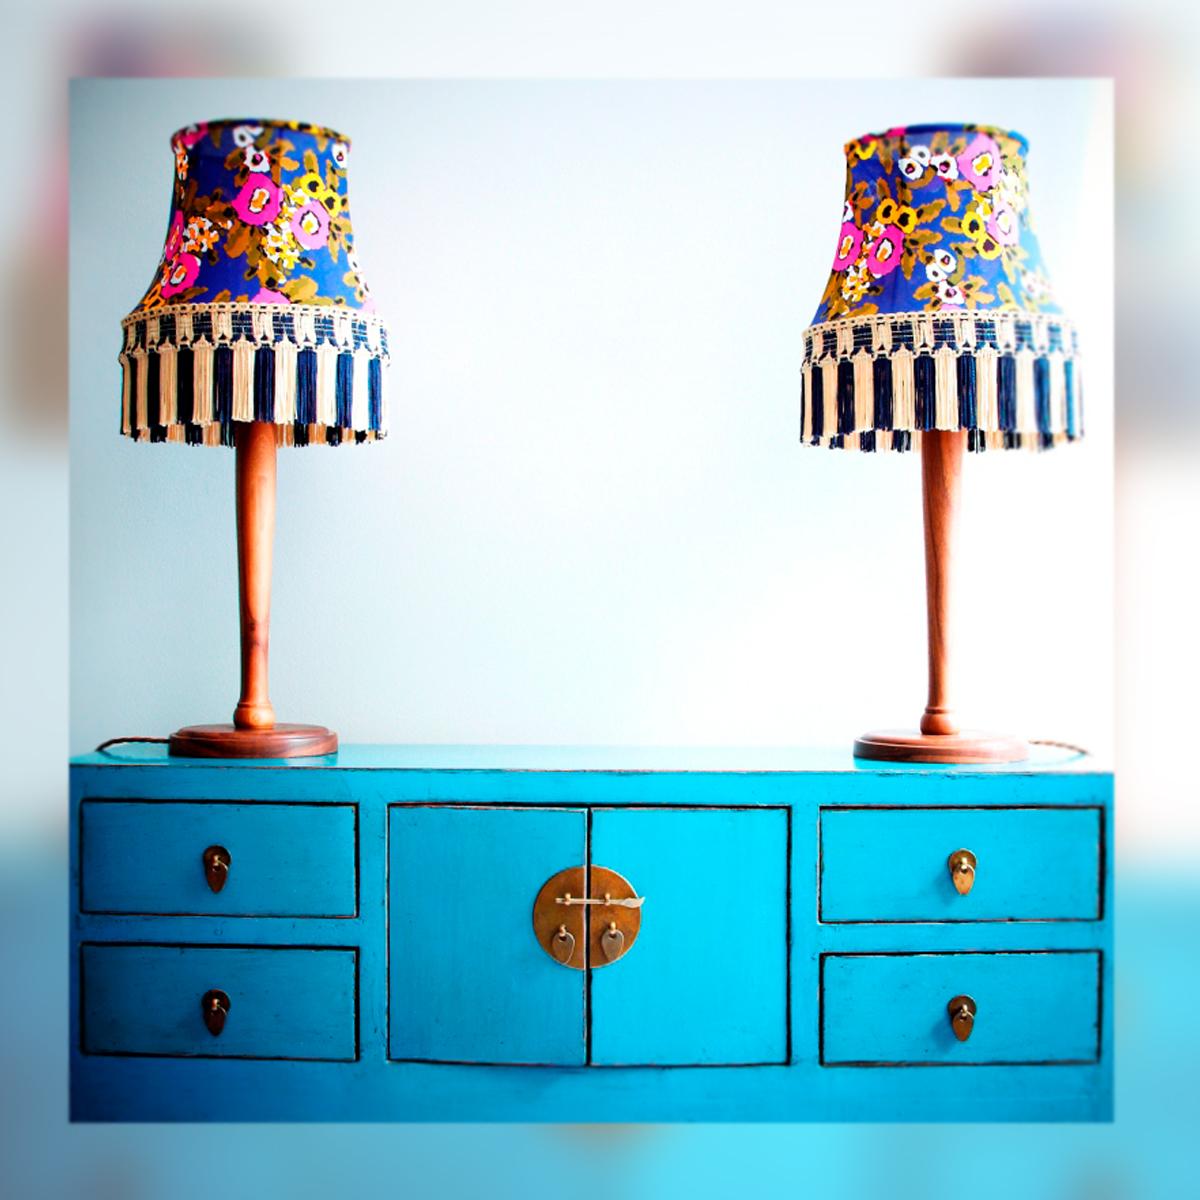 Vuelven las l mparas de nuestras abuelas decoraci n - Lamparas de decoracion ...